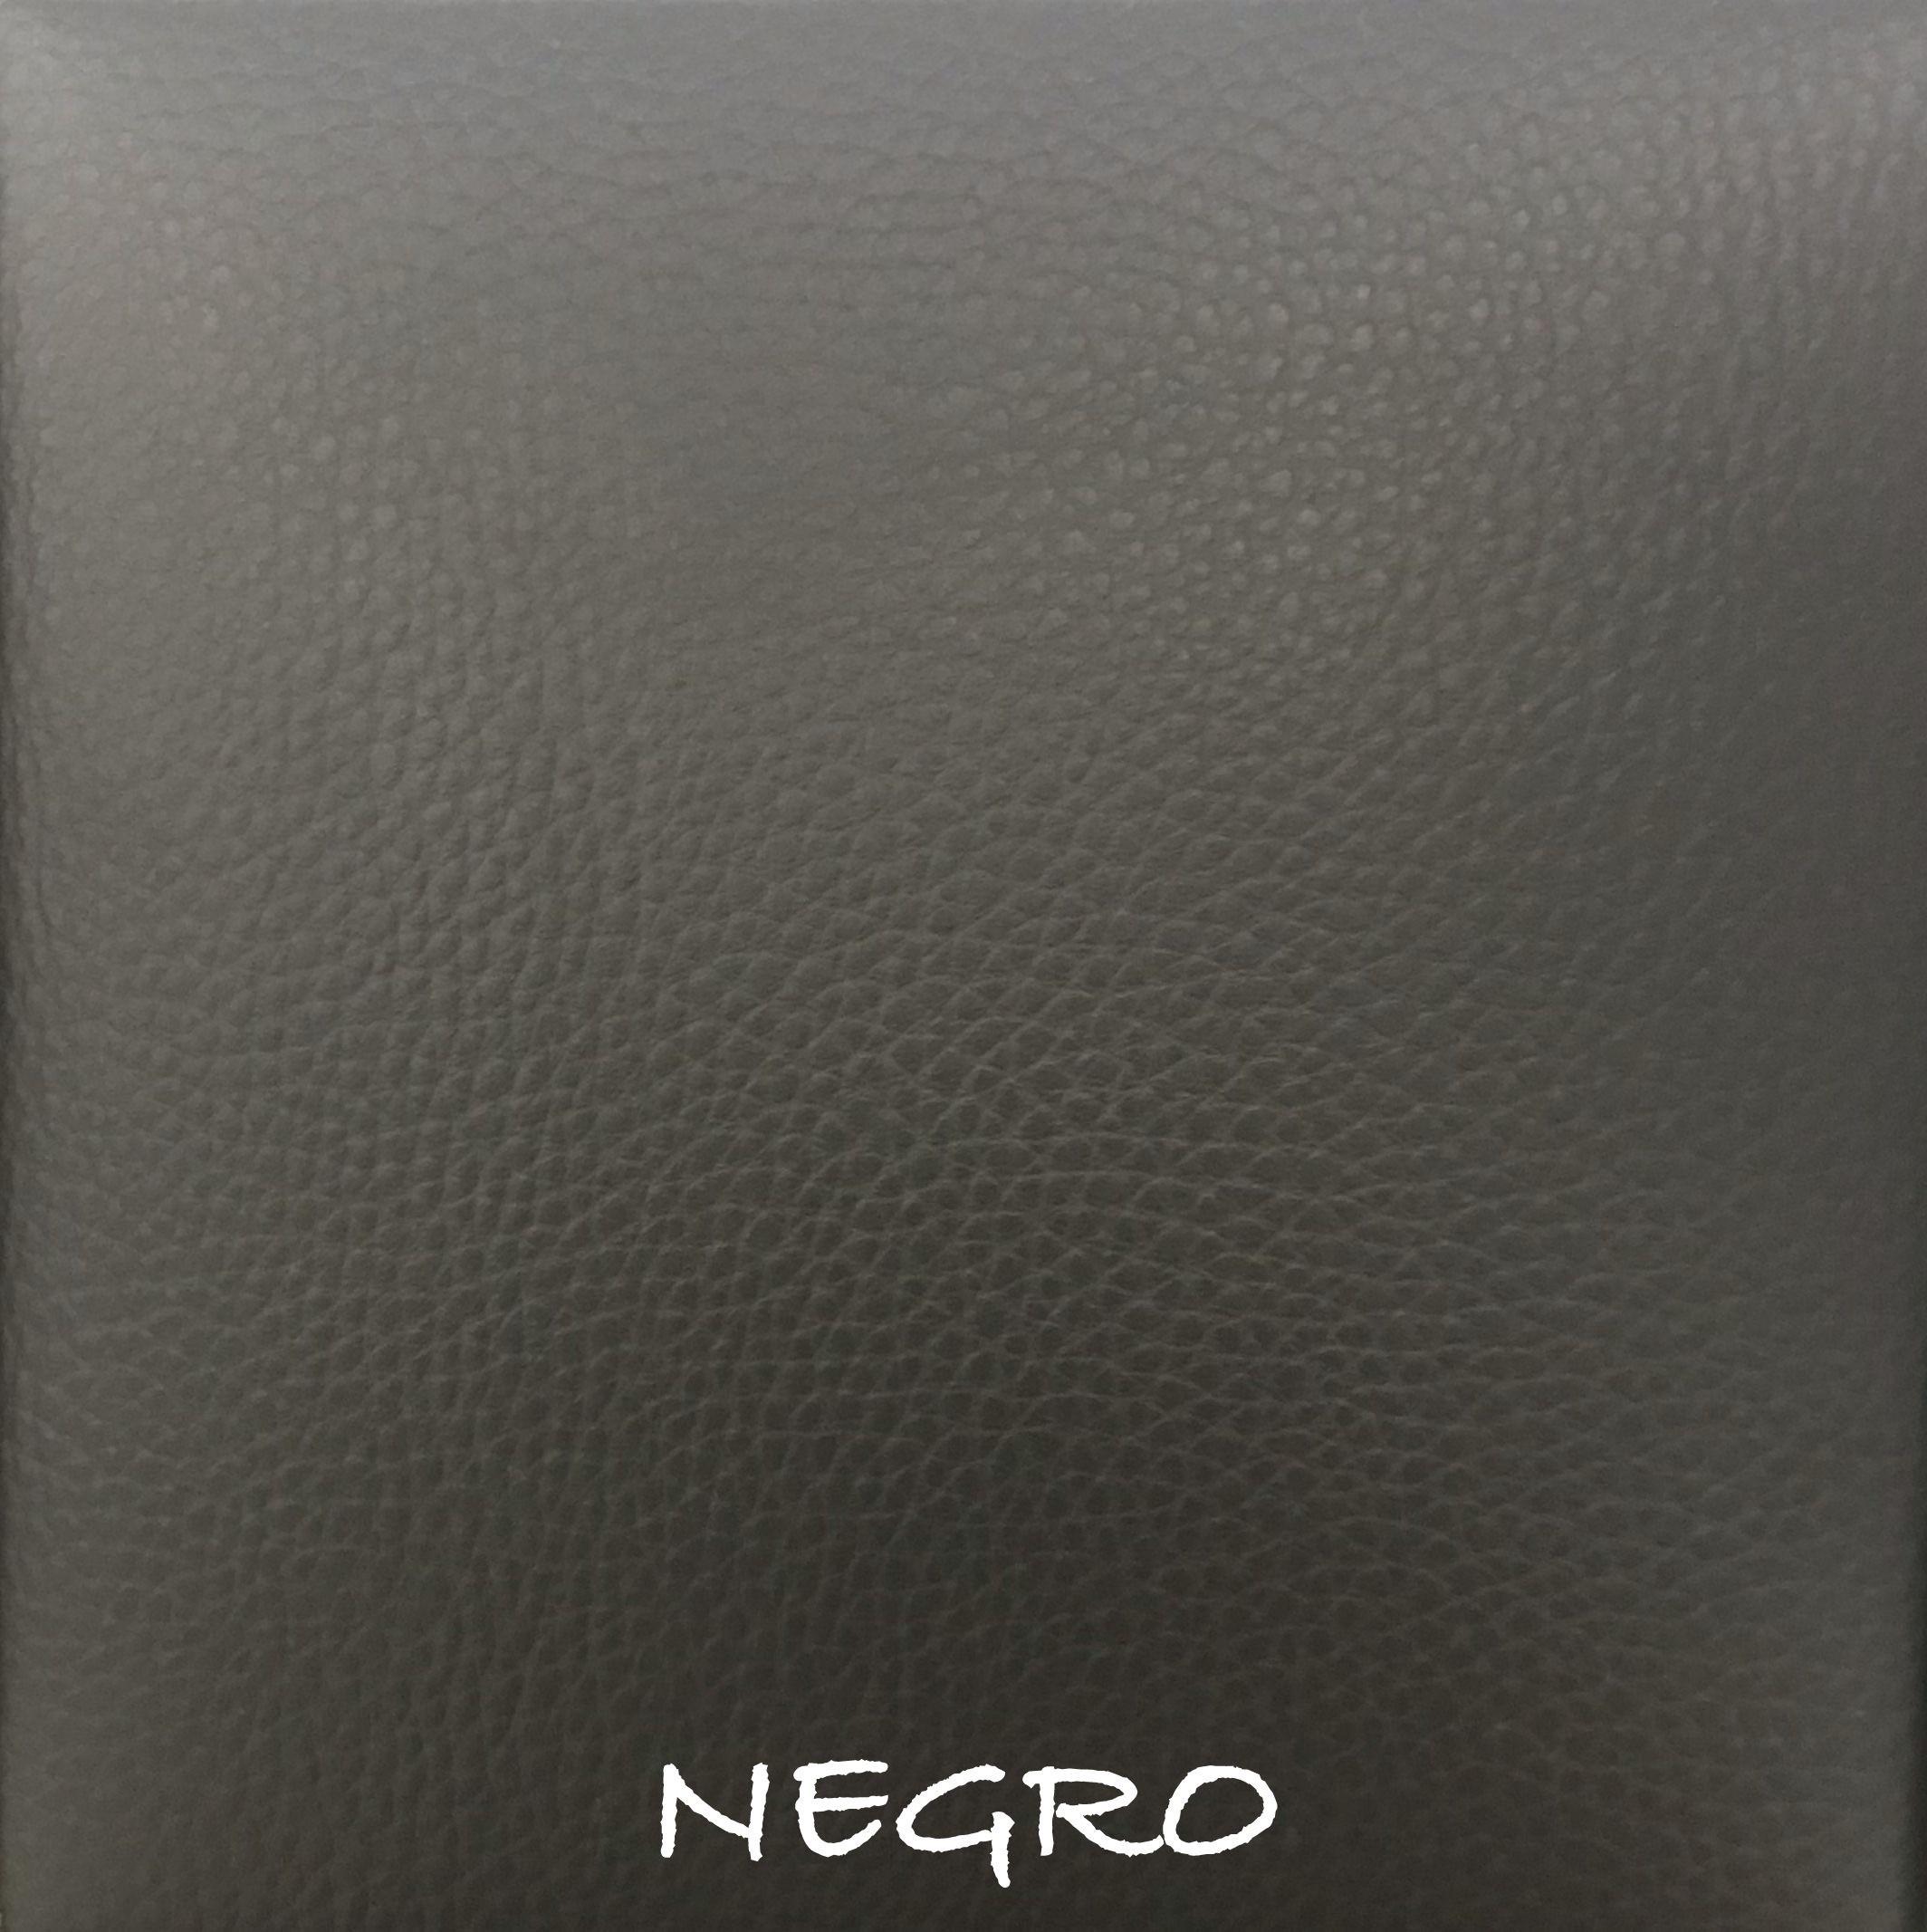 negro poli piel